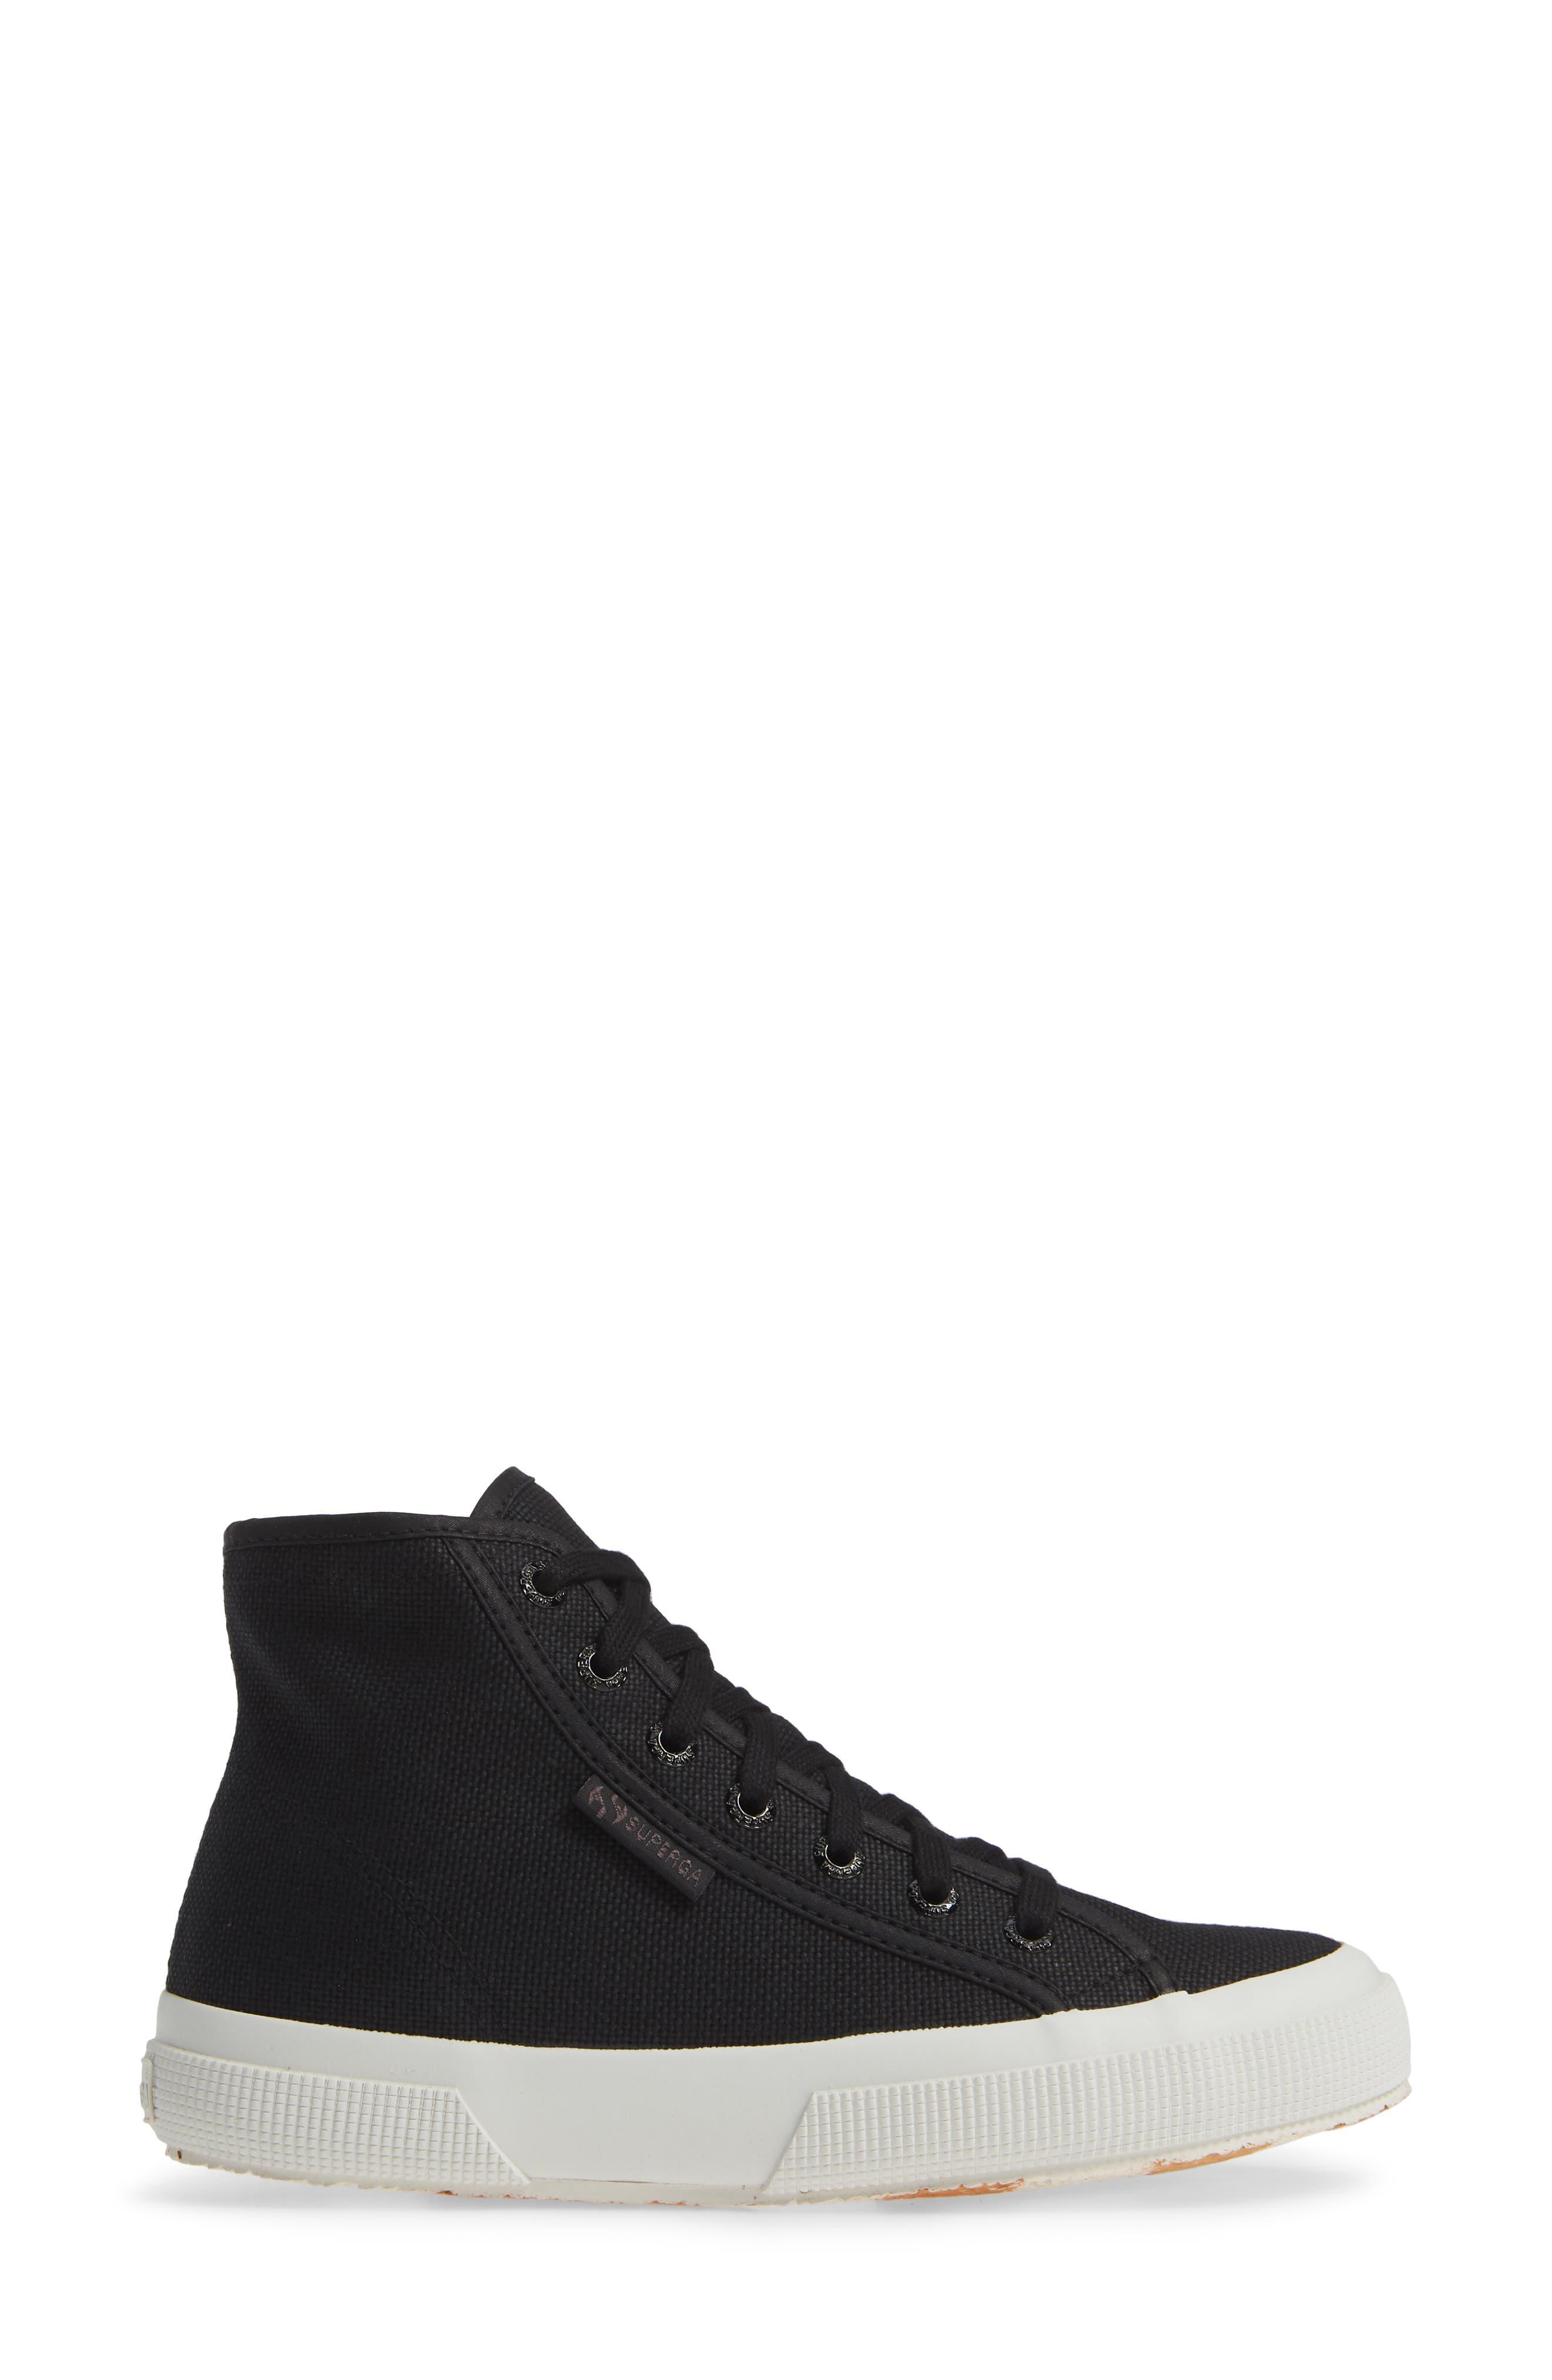 2795 High Top Sneaker,                             Alternate thumbnail 3, color,                             BLACK/ WHITE